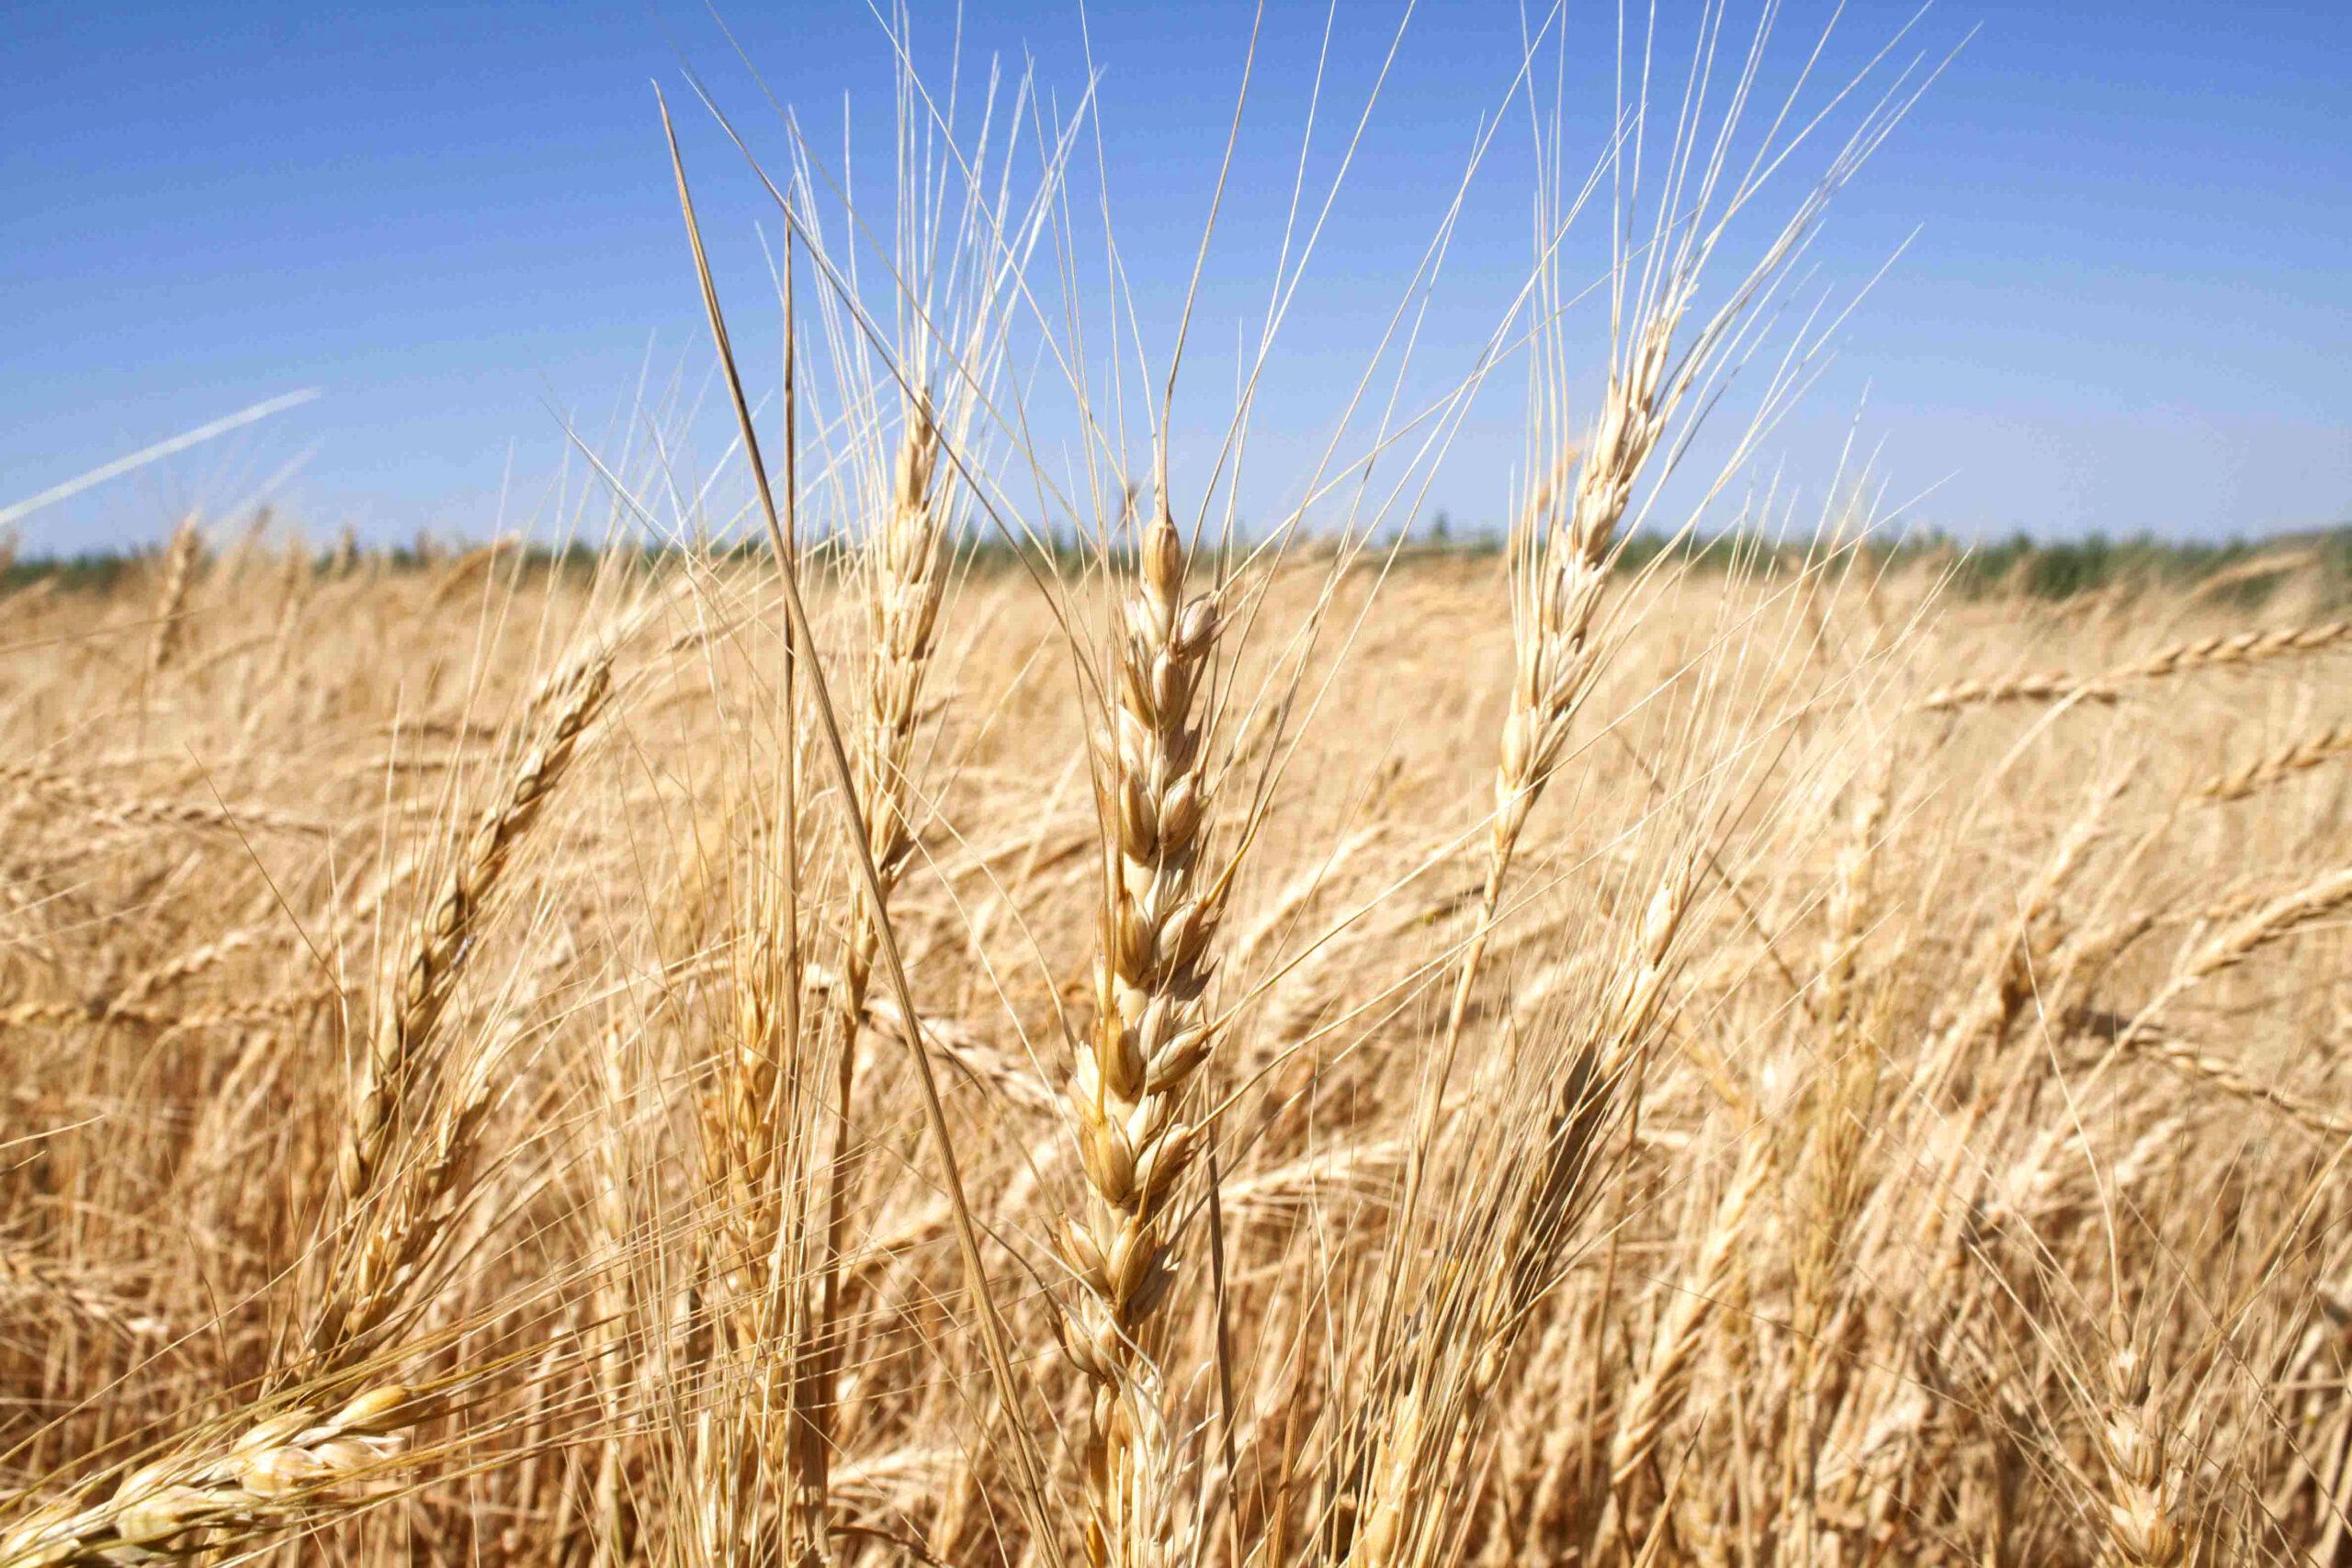 Variedades tradicionales de trigo duro: una gran oportunidad para la pasta ecológica artesanal